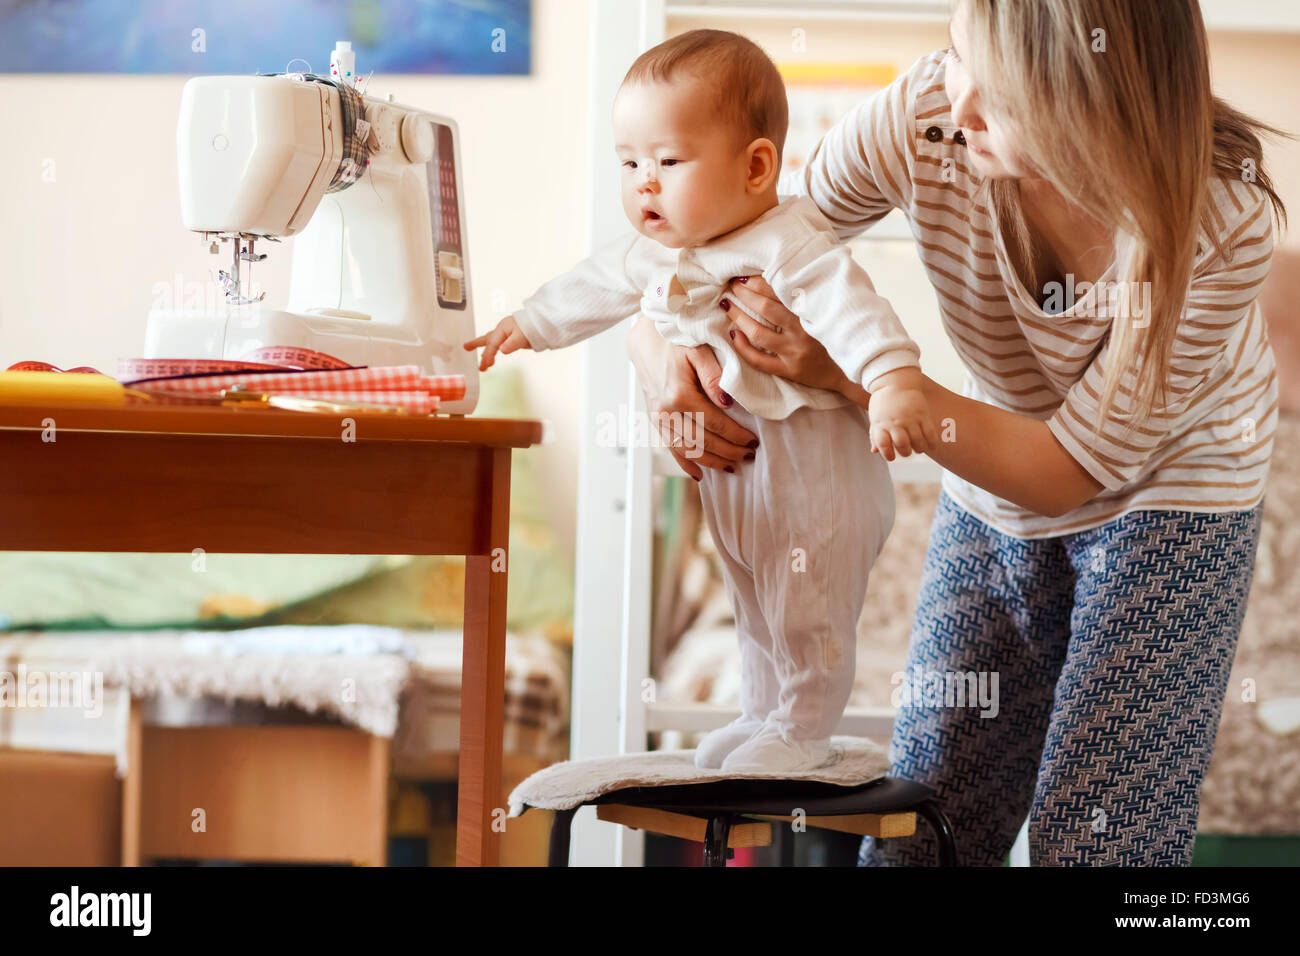 Mutter und Kind, zu Hause, die erste Gehversuche, natürliches Licht. Baby-/Kinderbetreuung kombiniert mit Arbeit Stockbild